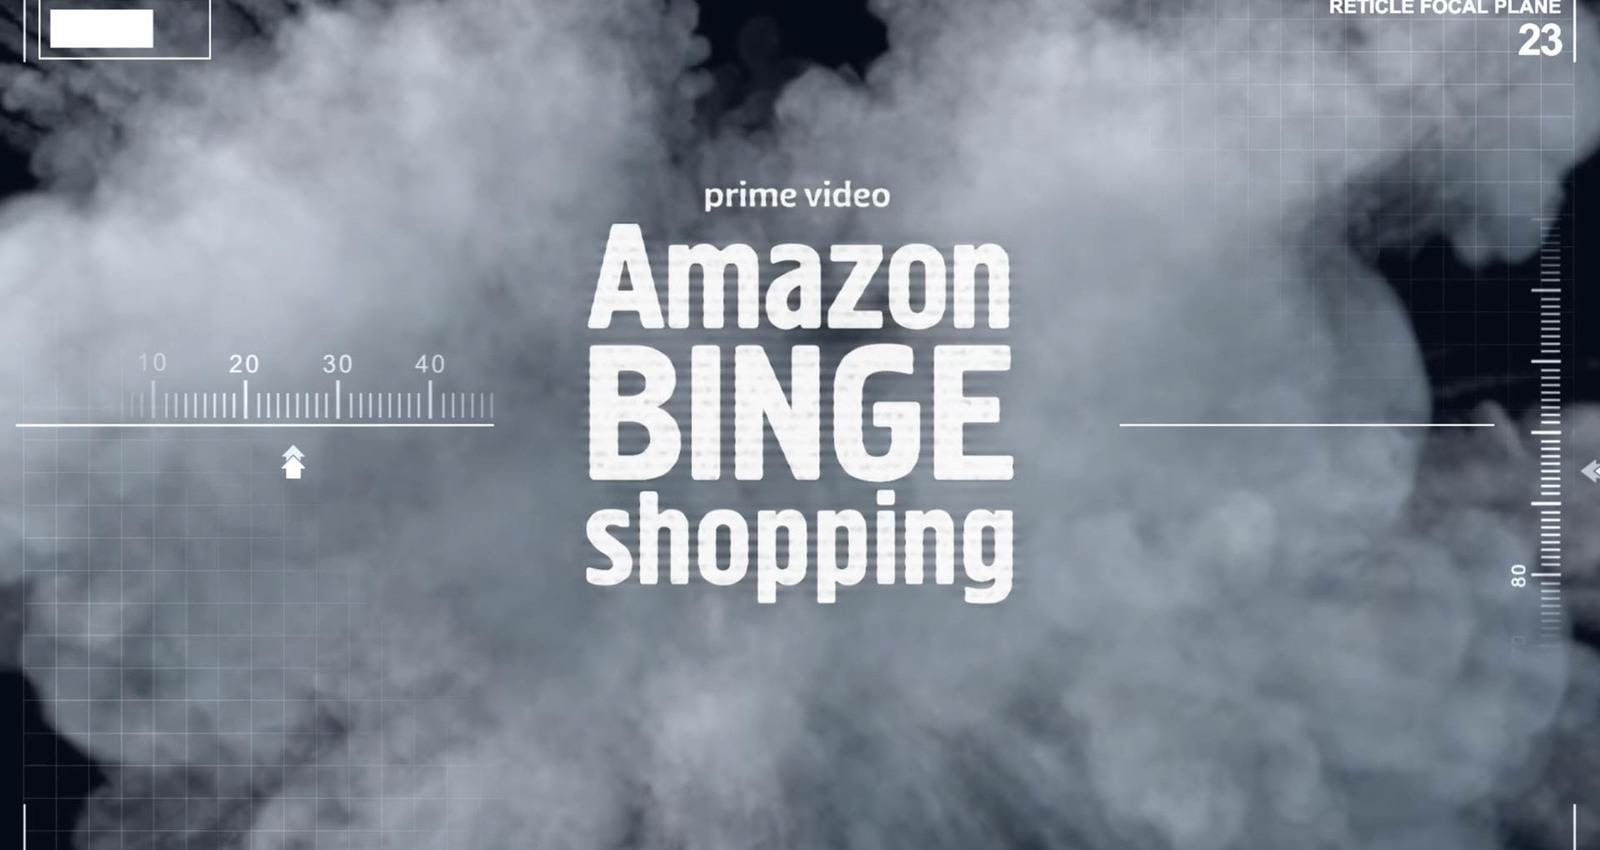 AMAZON BINGE SHOPPING